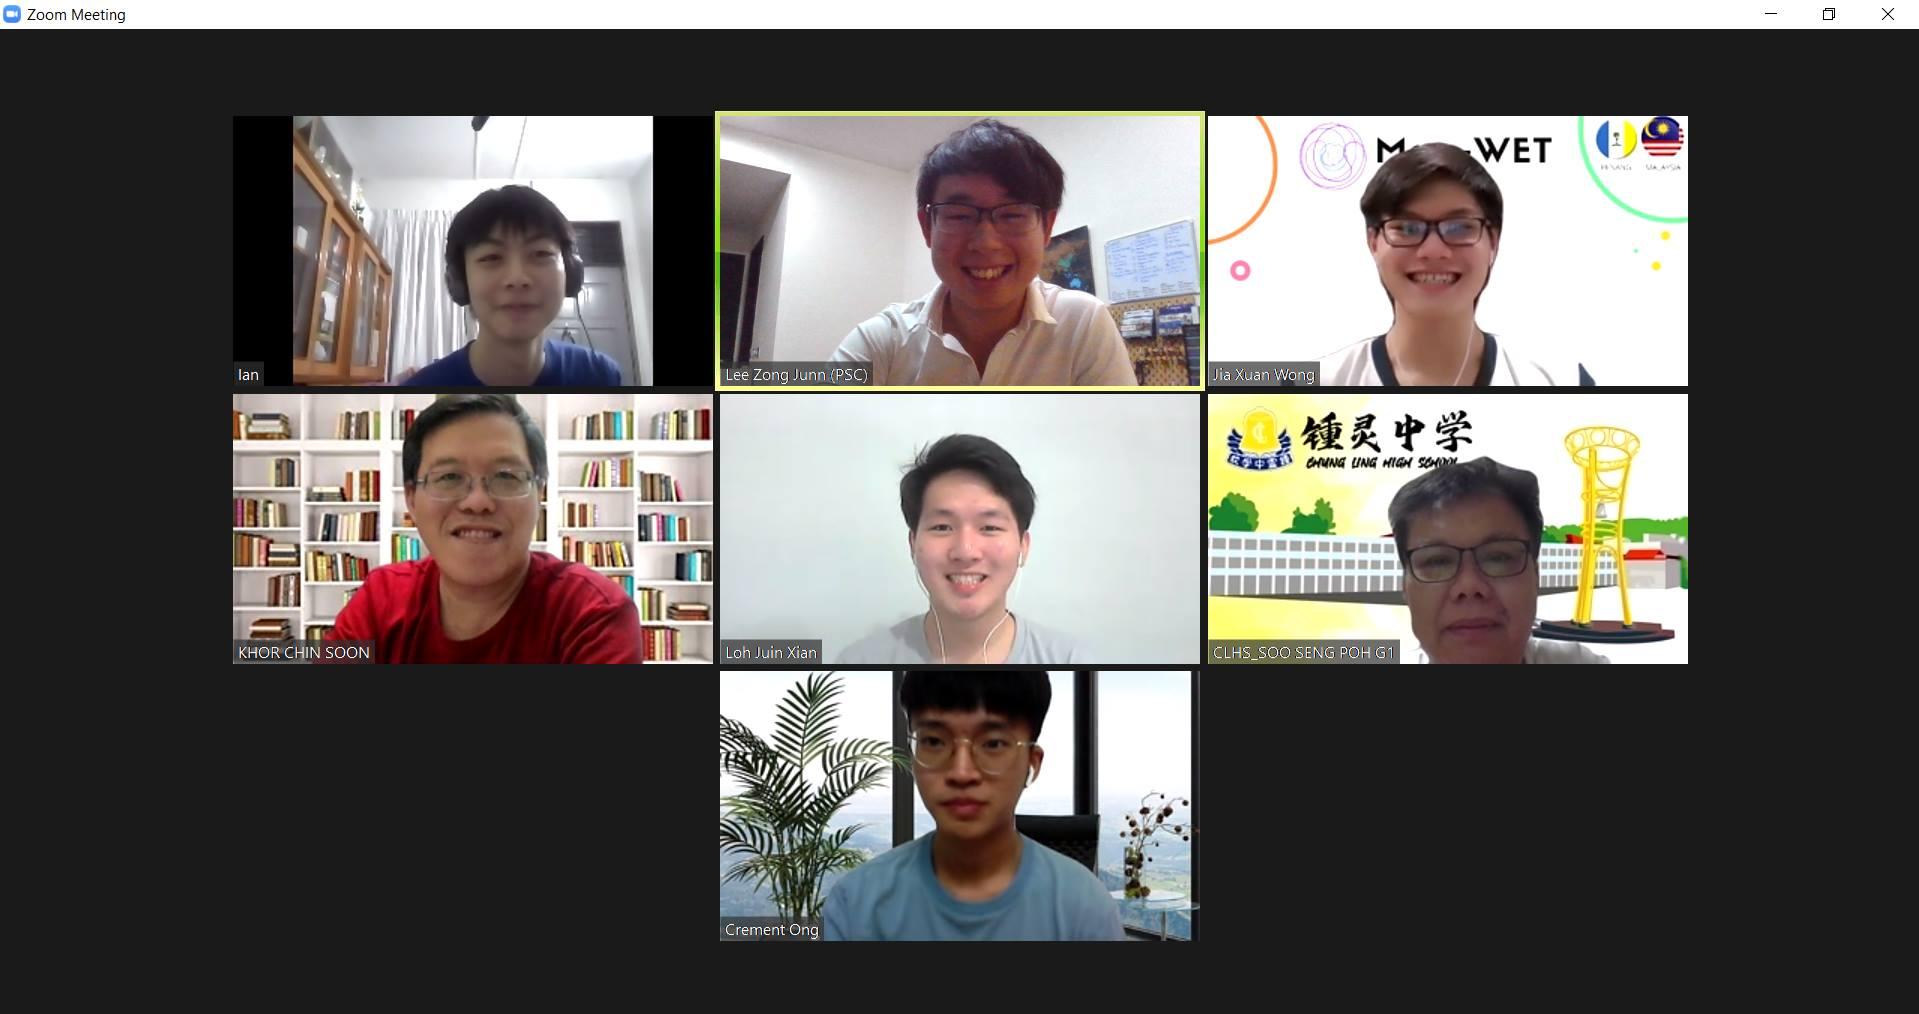 Xylem Hackathon Mars-WET Team Members